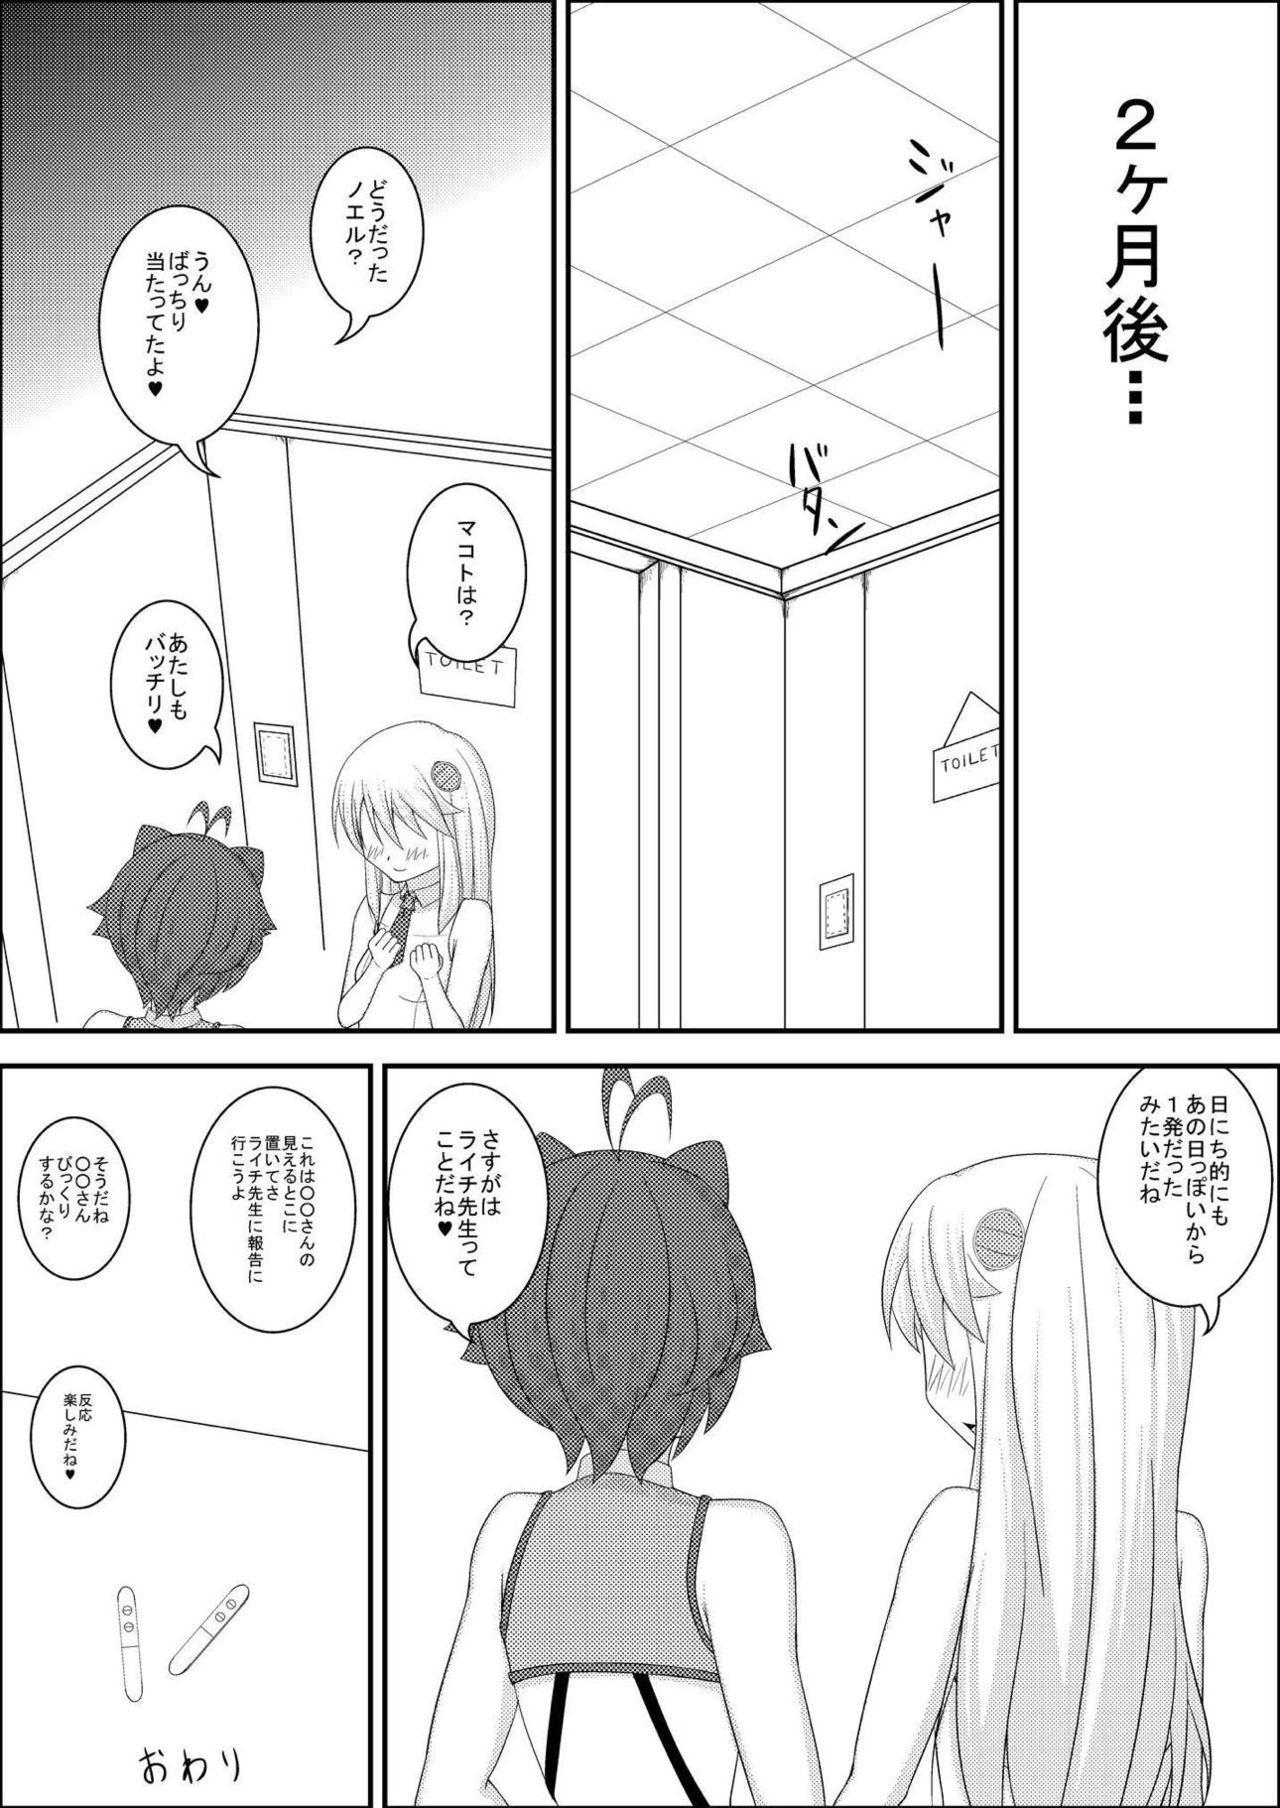 MakoNoe to no Seikatsu 20